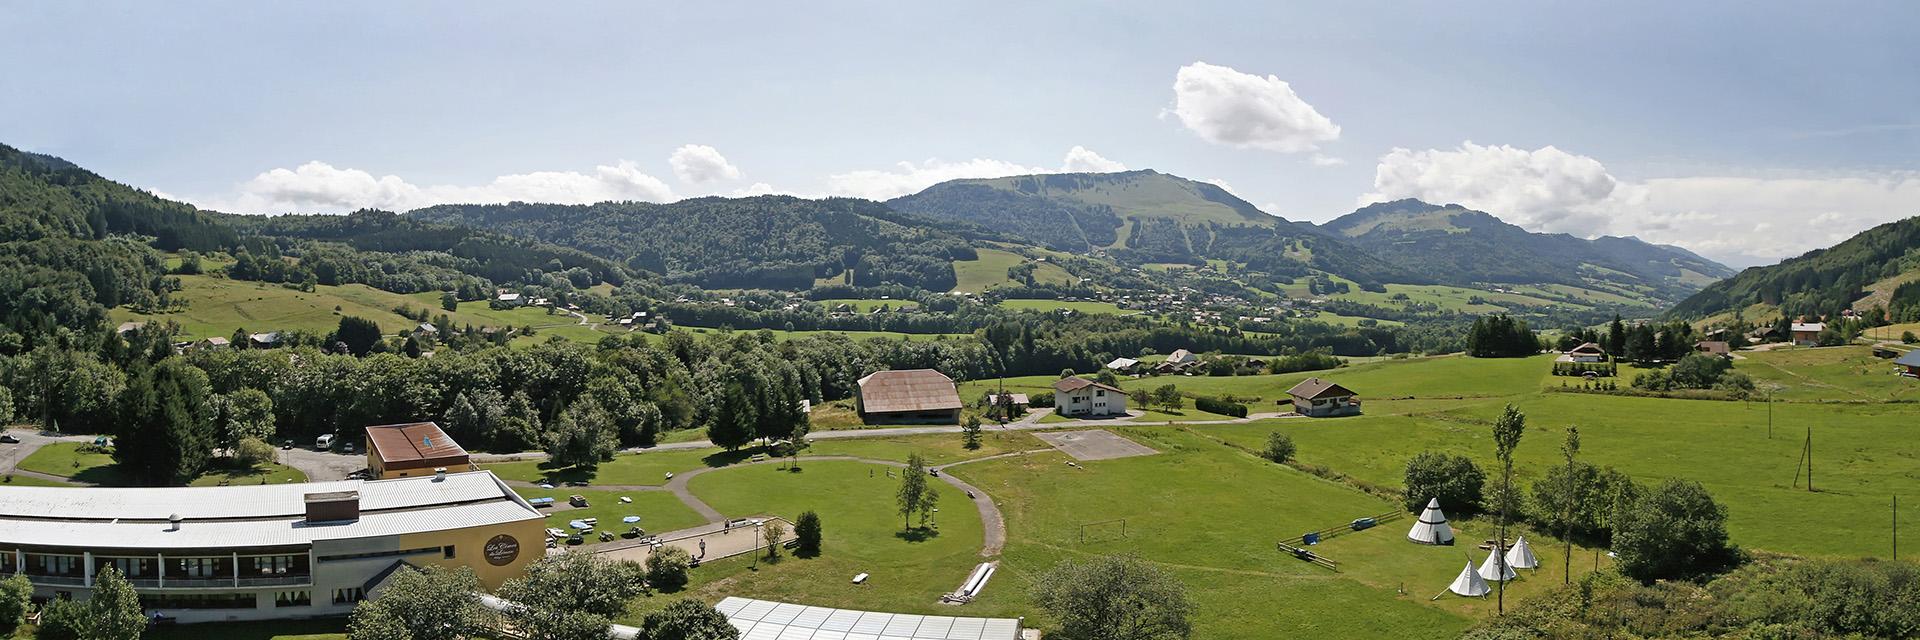 village-vacances-les-comes-du-leman-visuel-phare